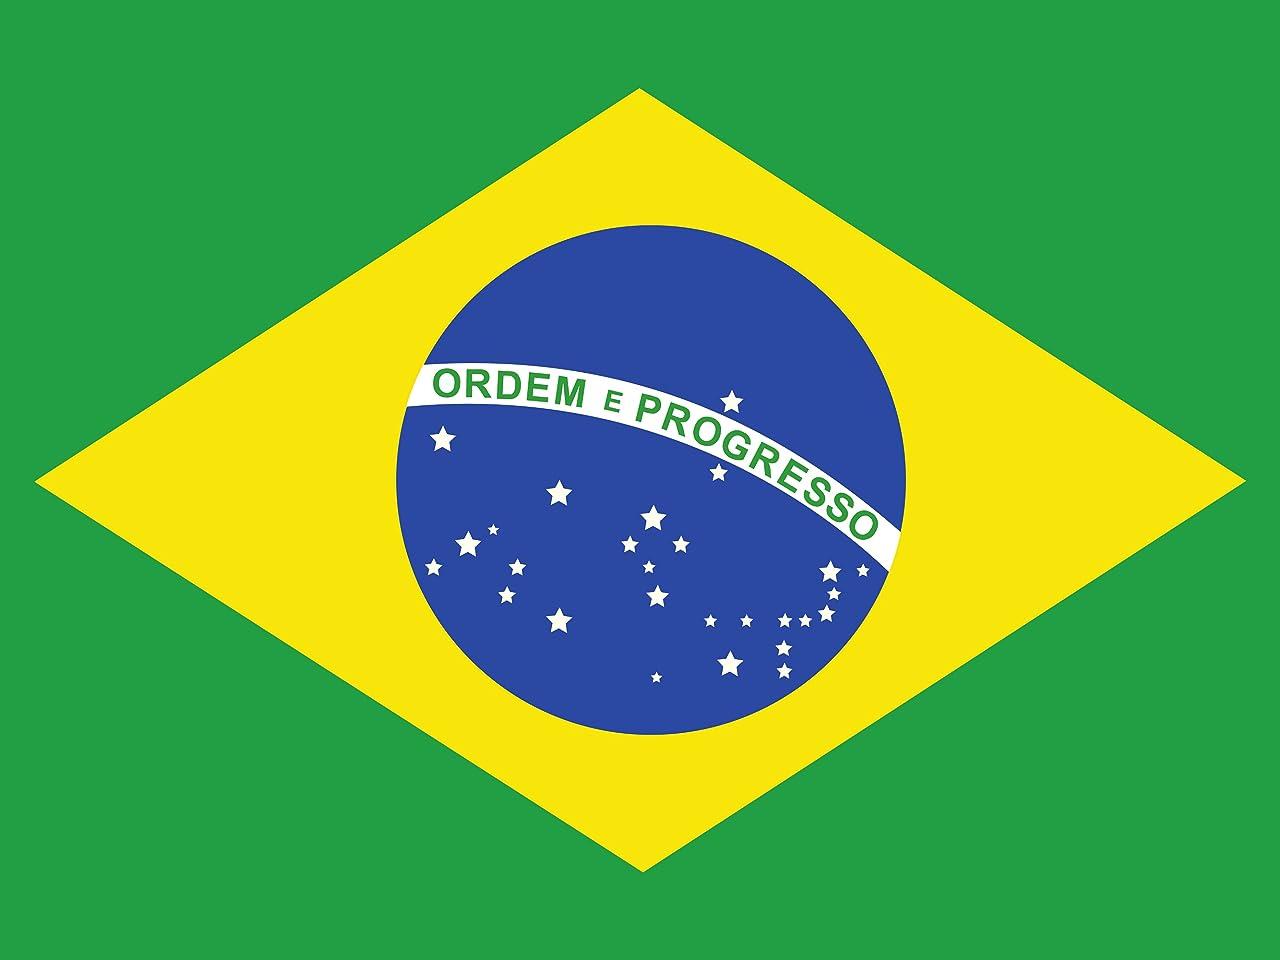 Verkaufen bei Amazon Brasil